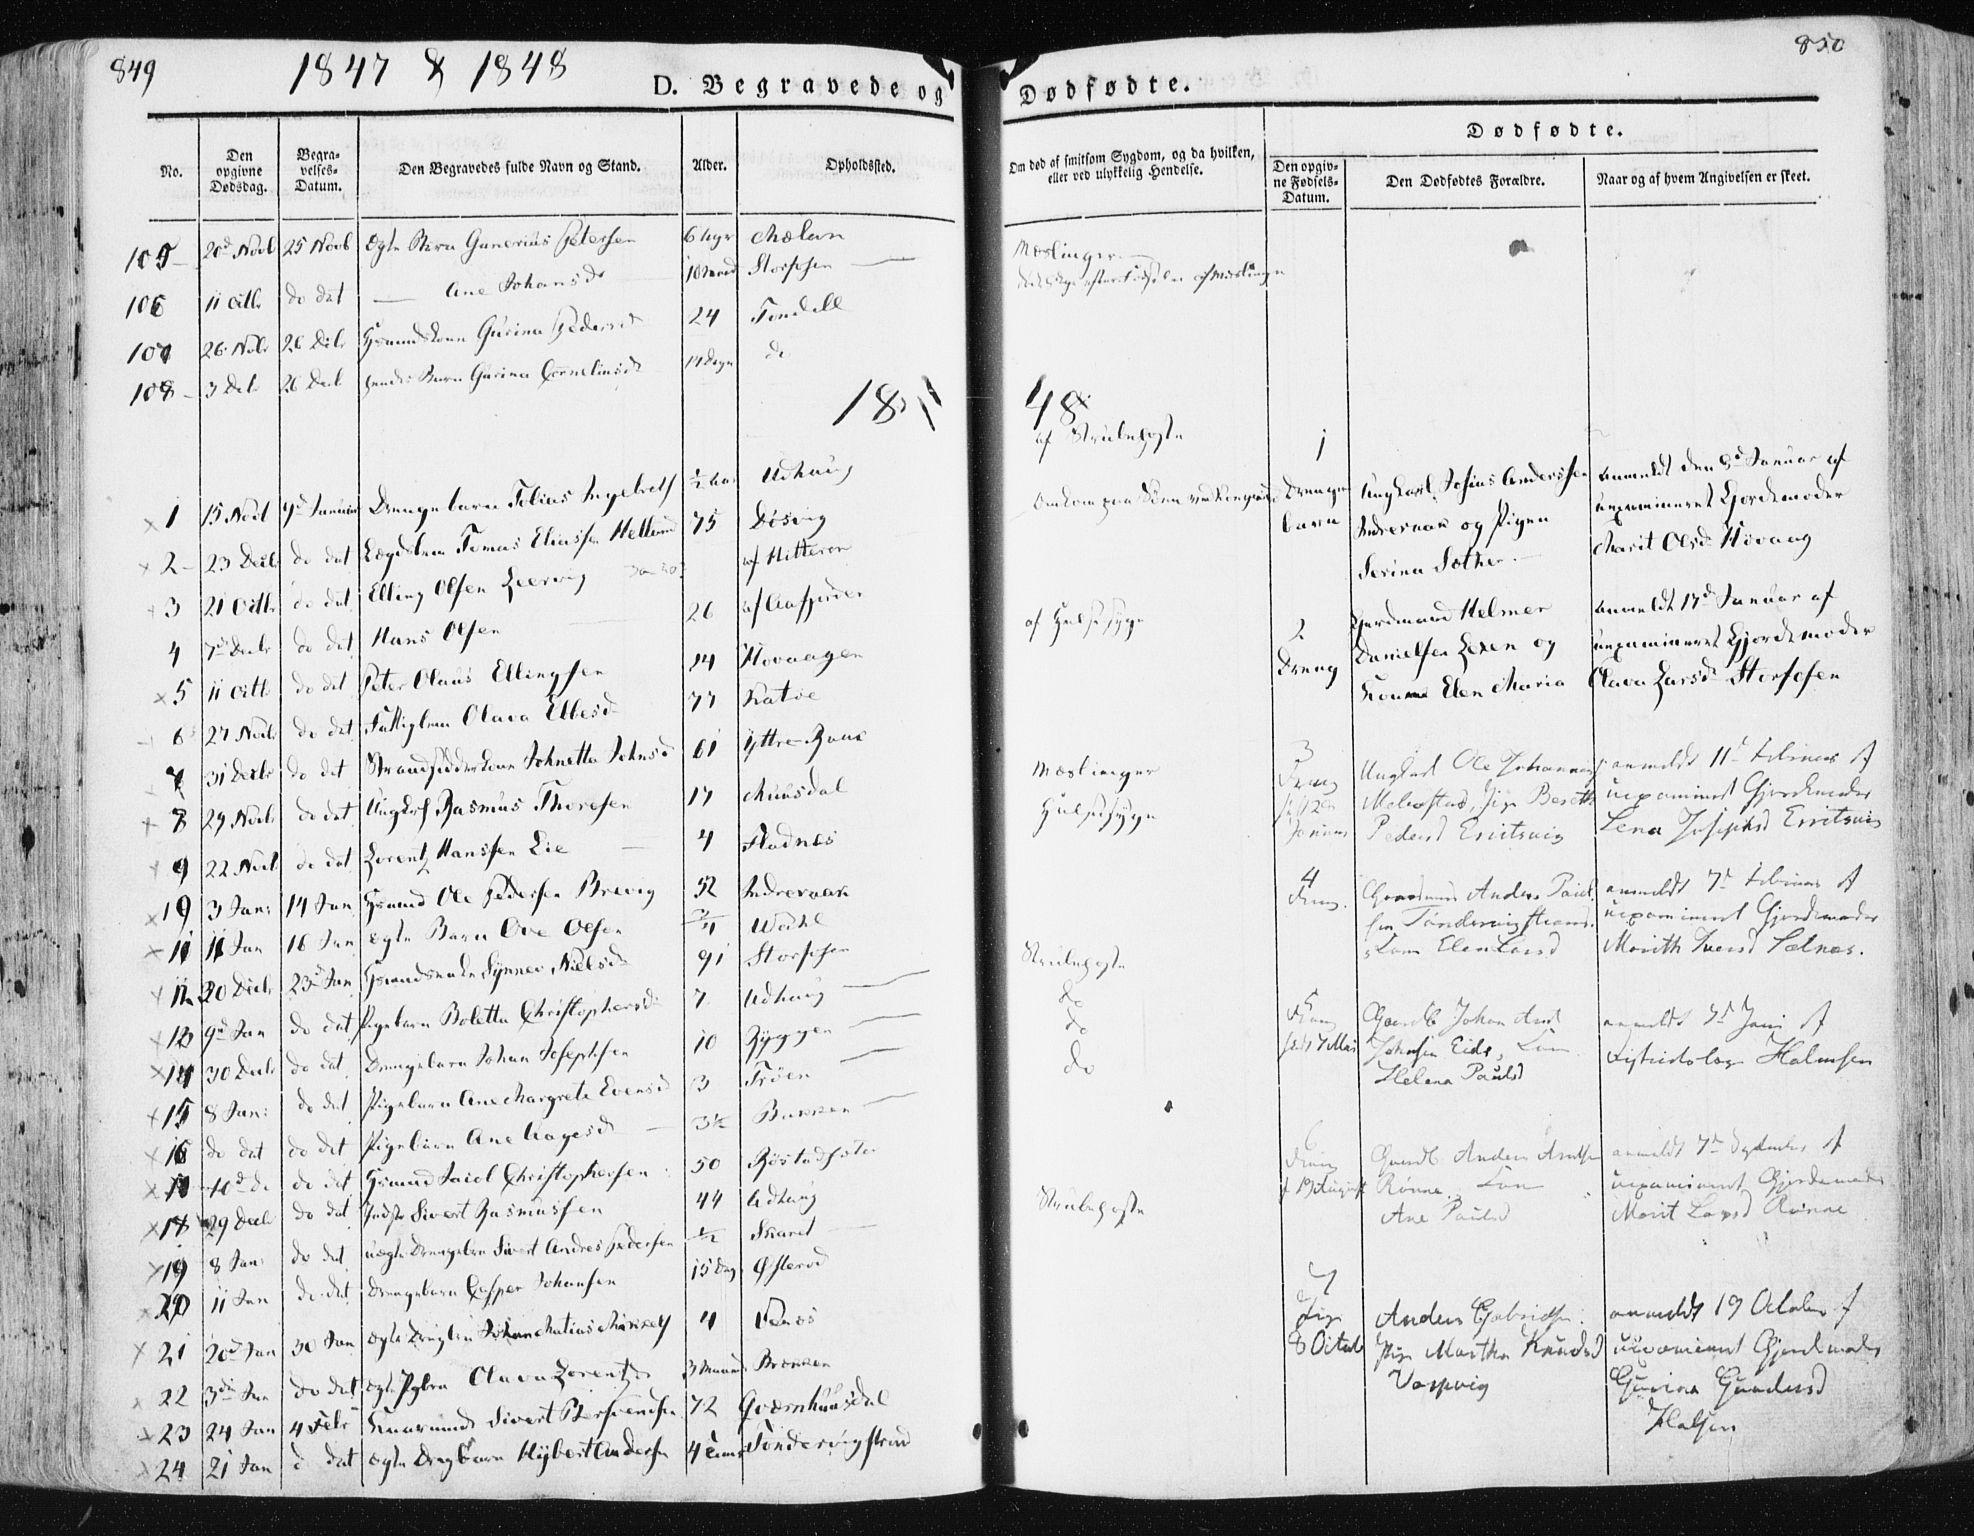 SAT, Ministerialprotokoller, klokkerbøker og fødselsregistre - Sør-Trøndelag, 659/L0736: Ministerialbok nr. 659A06, 1842-1856, s. 849-850